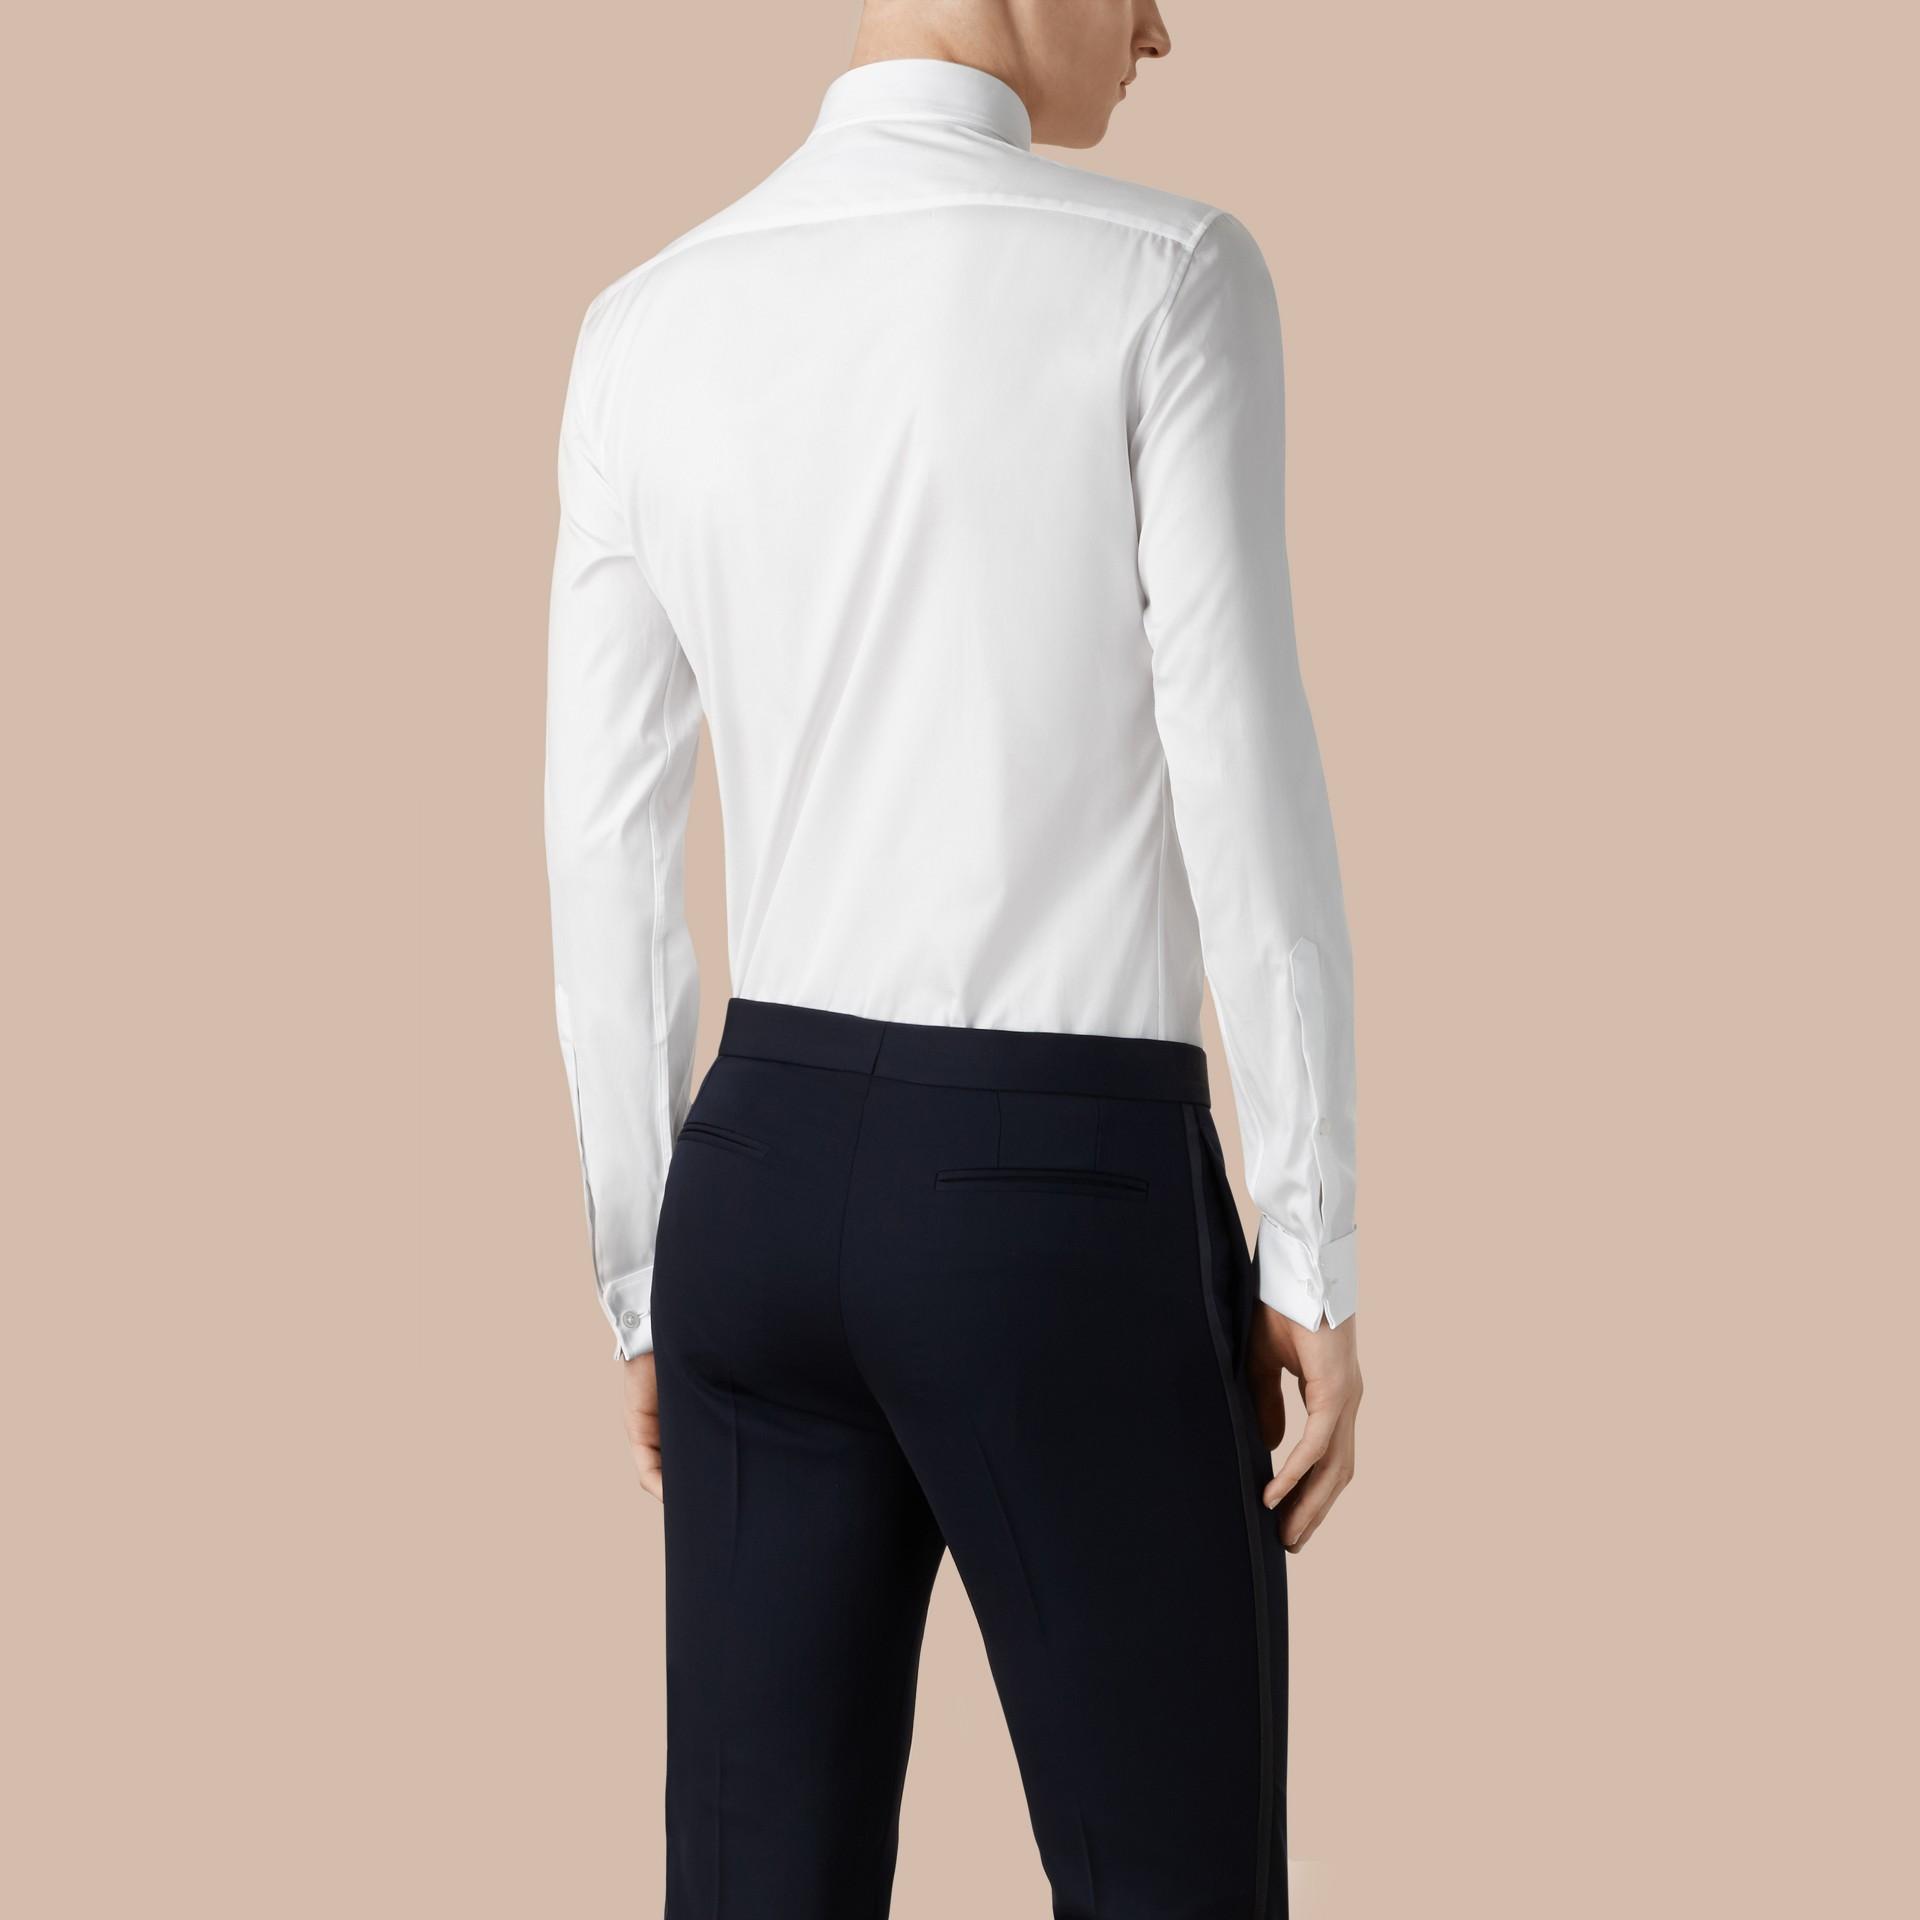 Оптический белый Платье-рубашка из хлопка - изображение 3